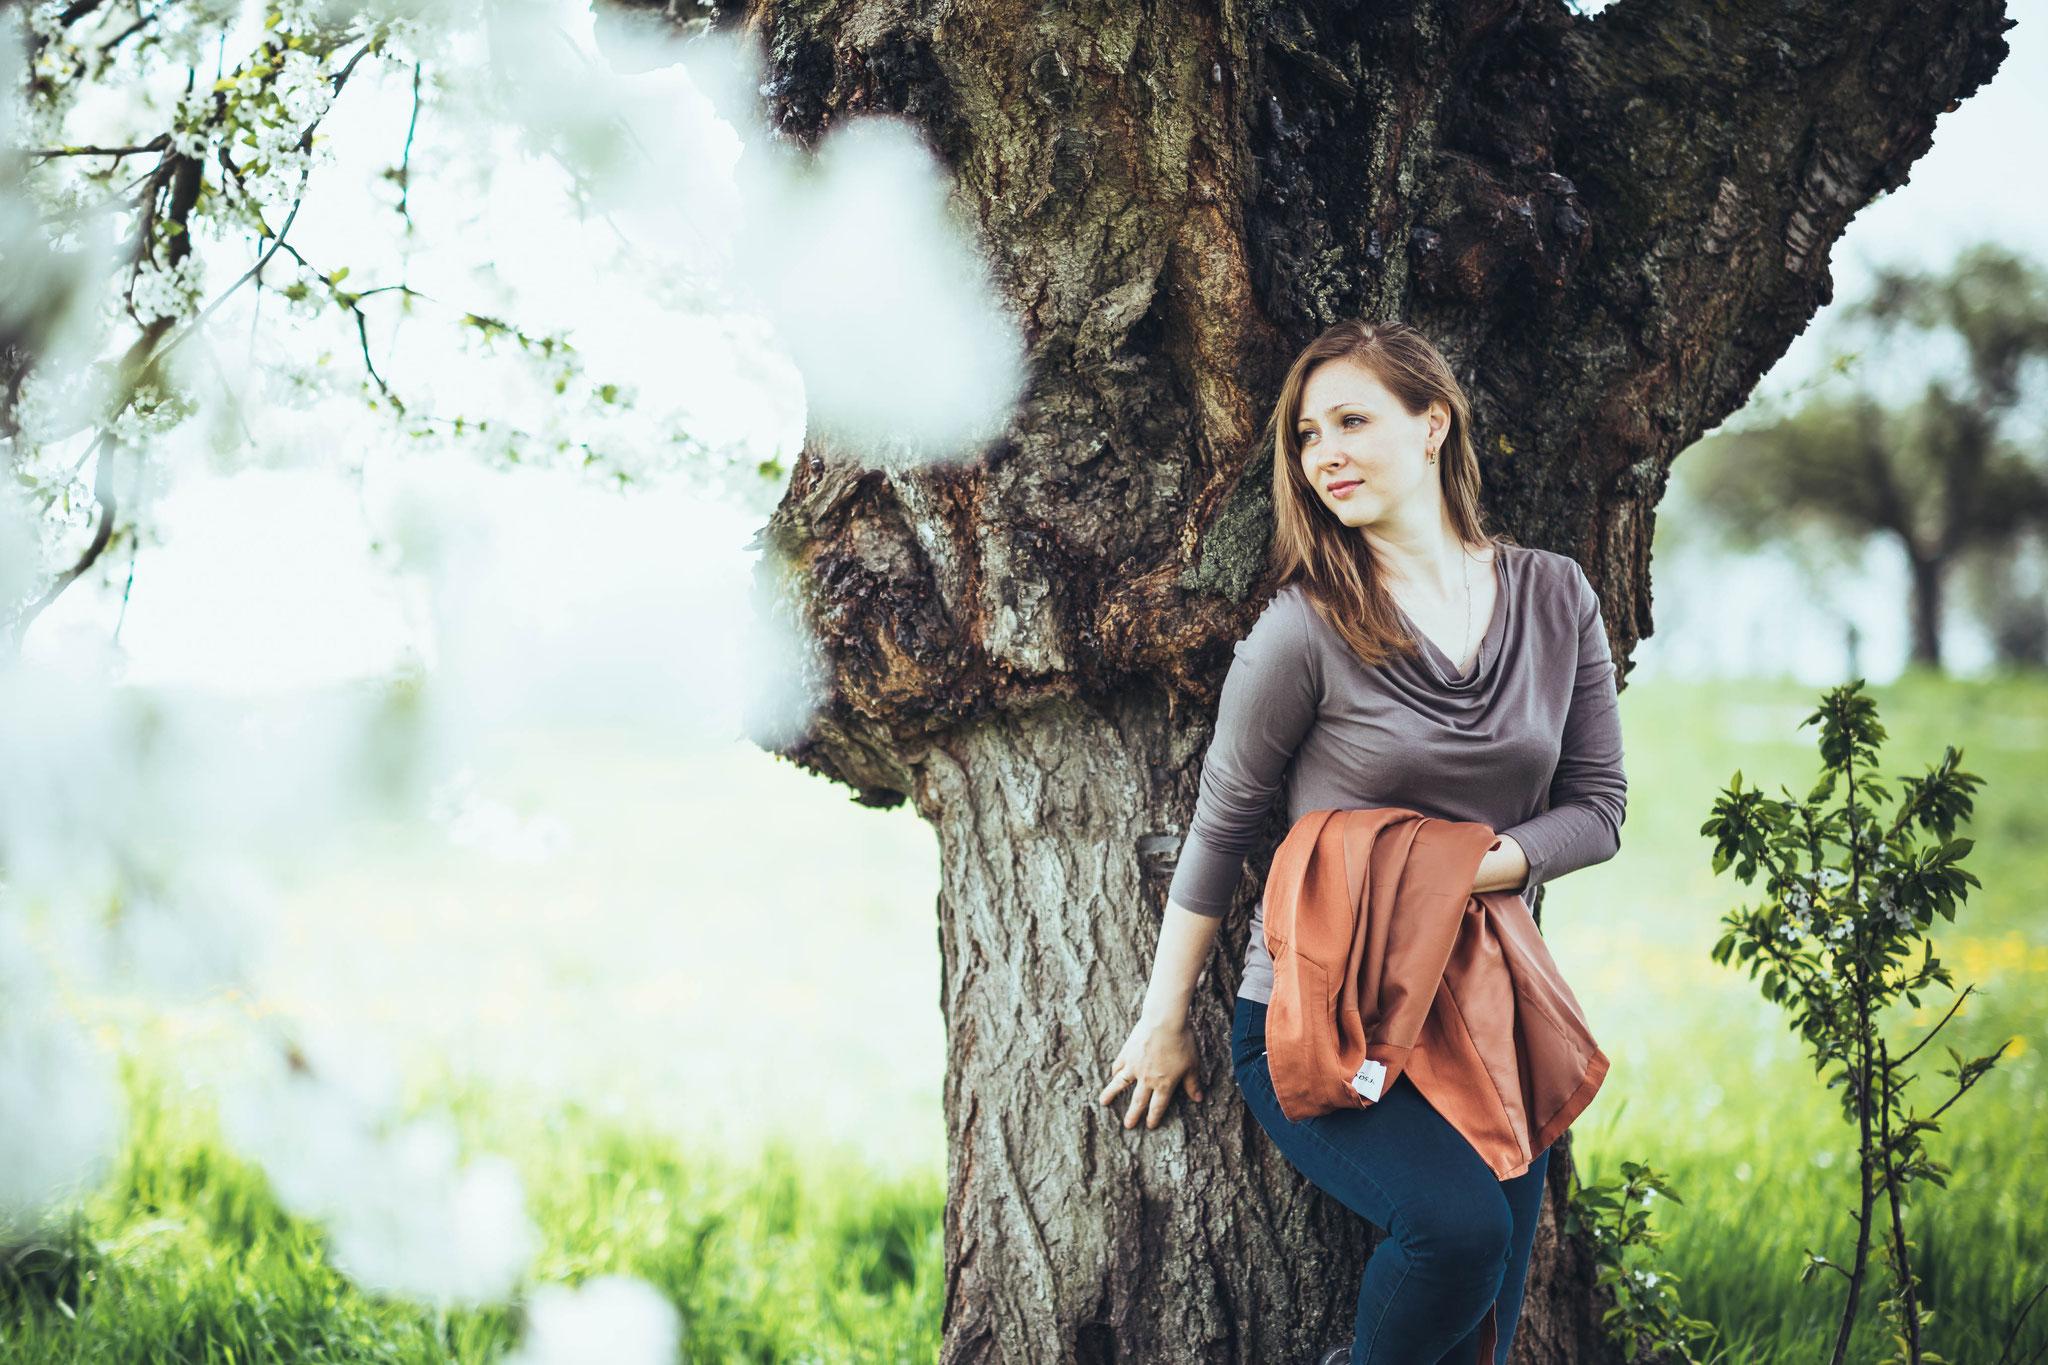 Portraitfotos vom professionellem Fotografen aus Frankfurt in Rhein-Main und Umgebung